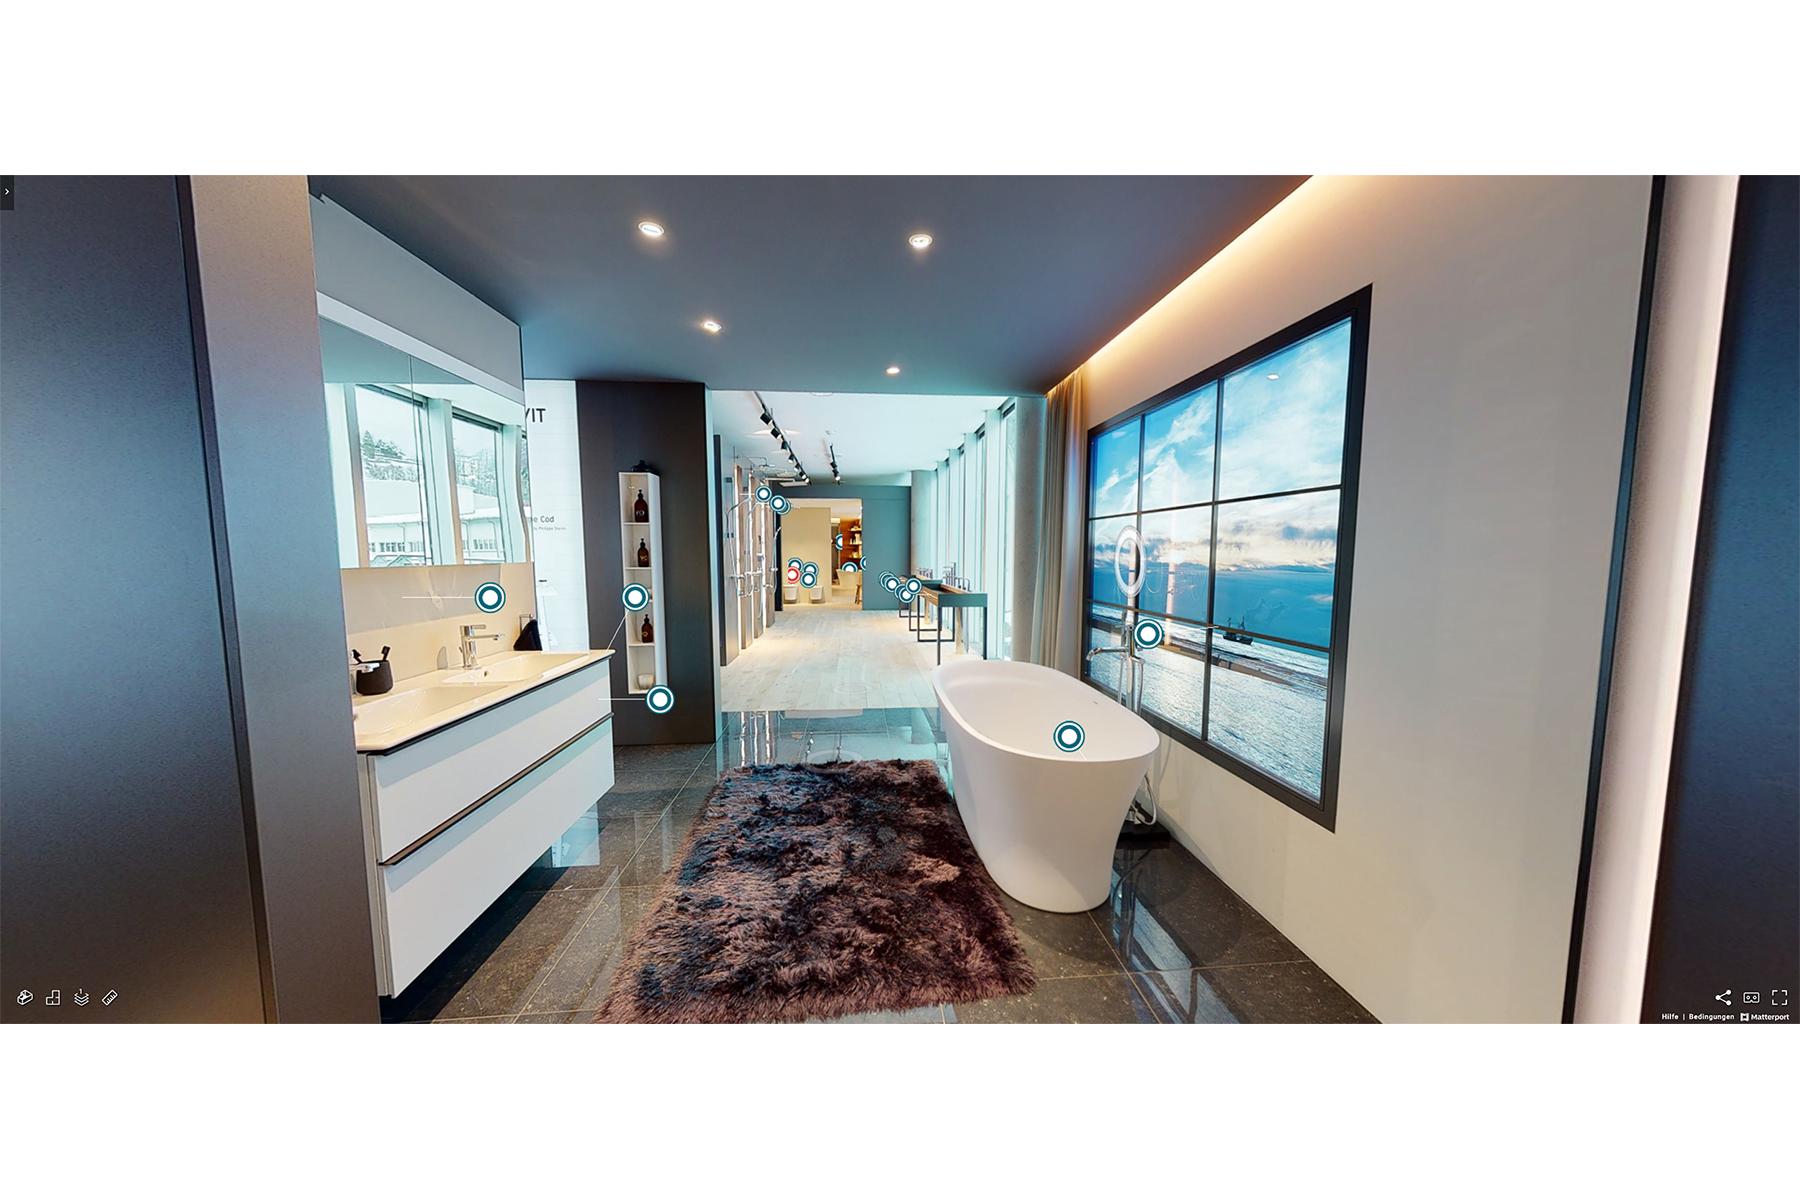 Duravit Design Center als virtueller Showroom